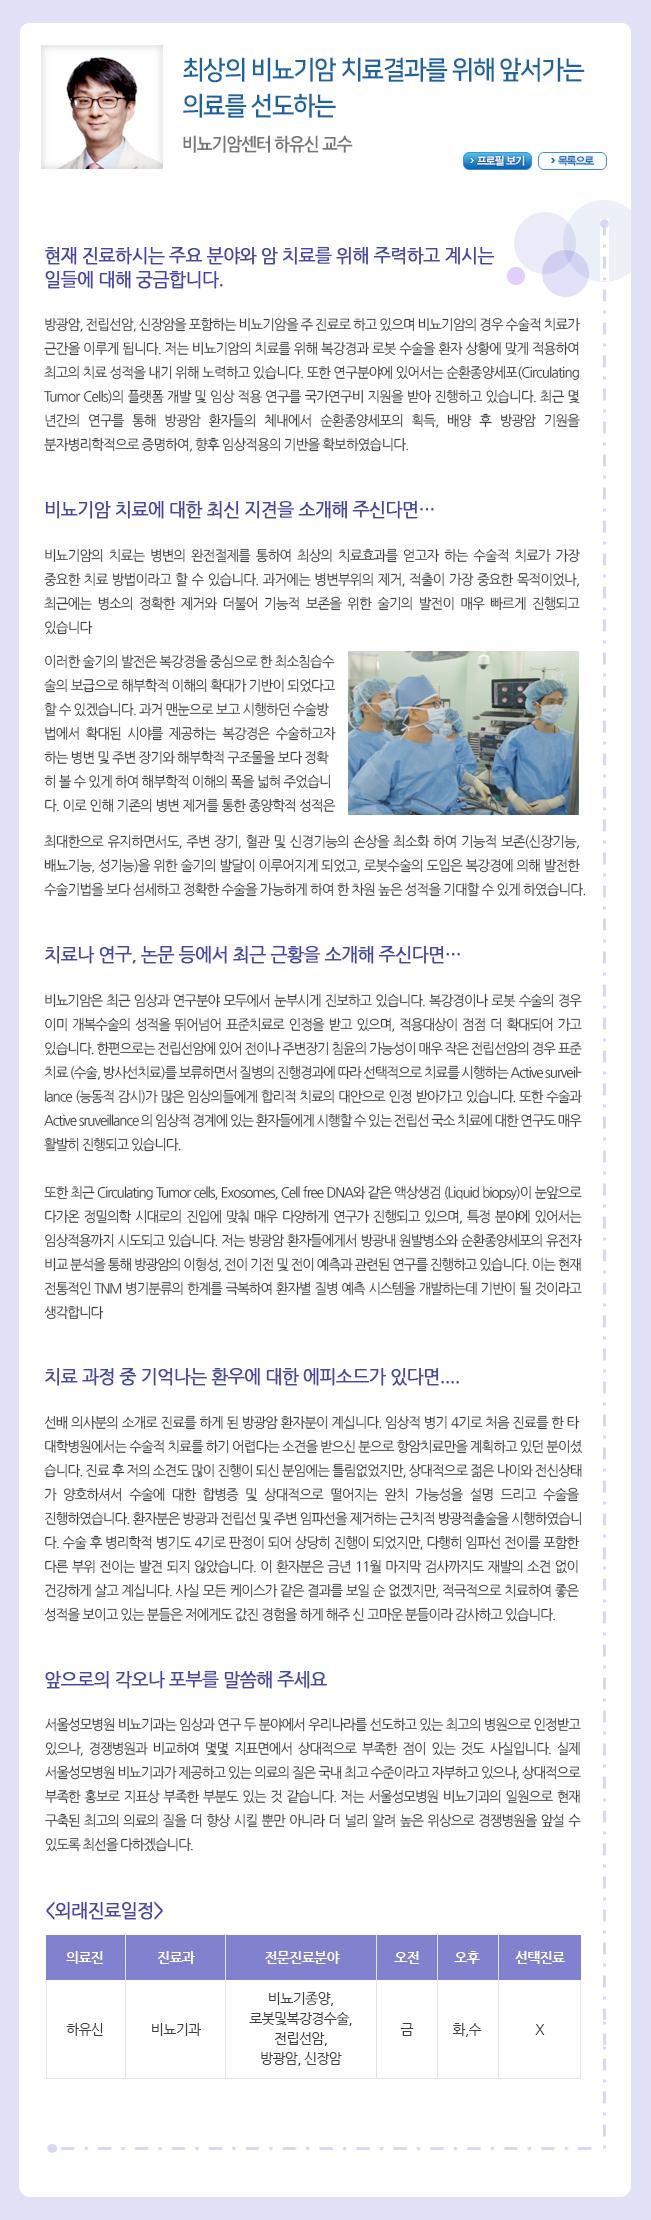 """""""위암 최소침습수술의 차세대 주자"""" 위암센터 이한홍 교수"""